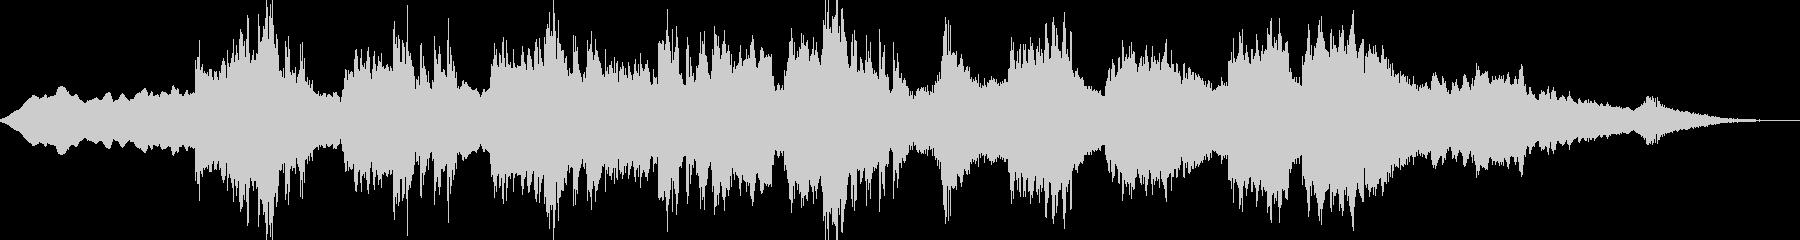 アラビアンなアンビエントトラックの未再生の波形